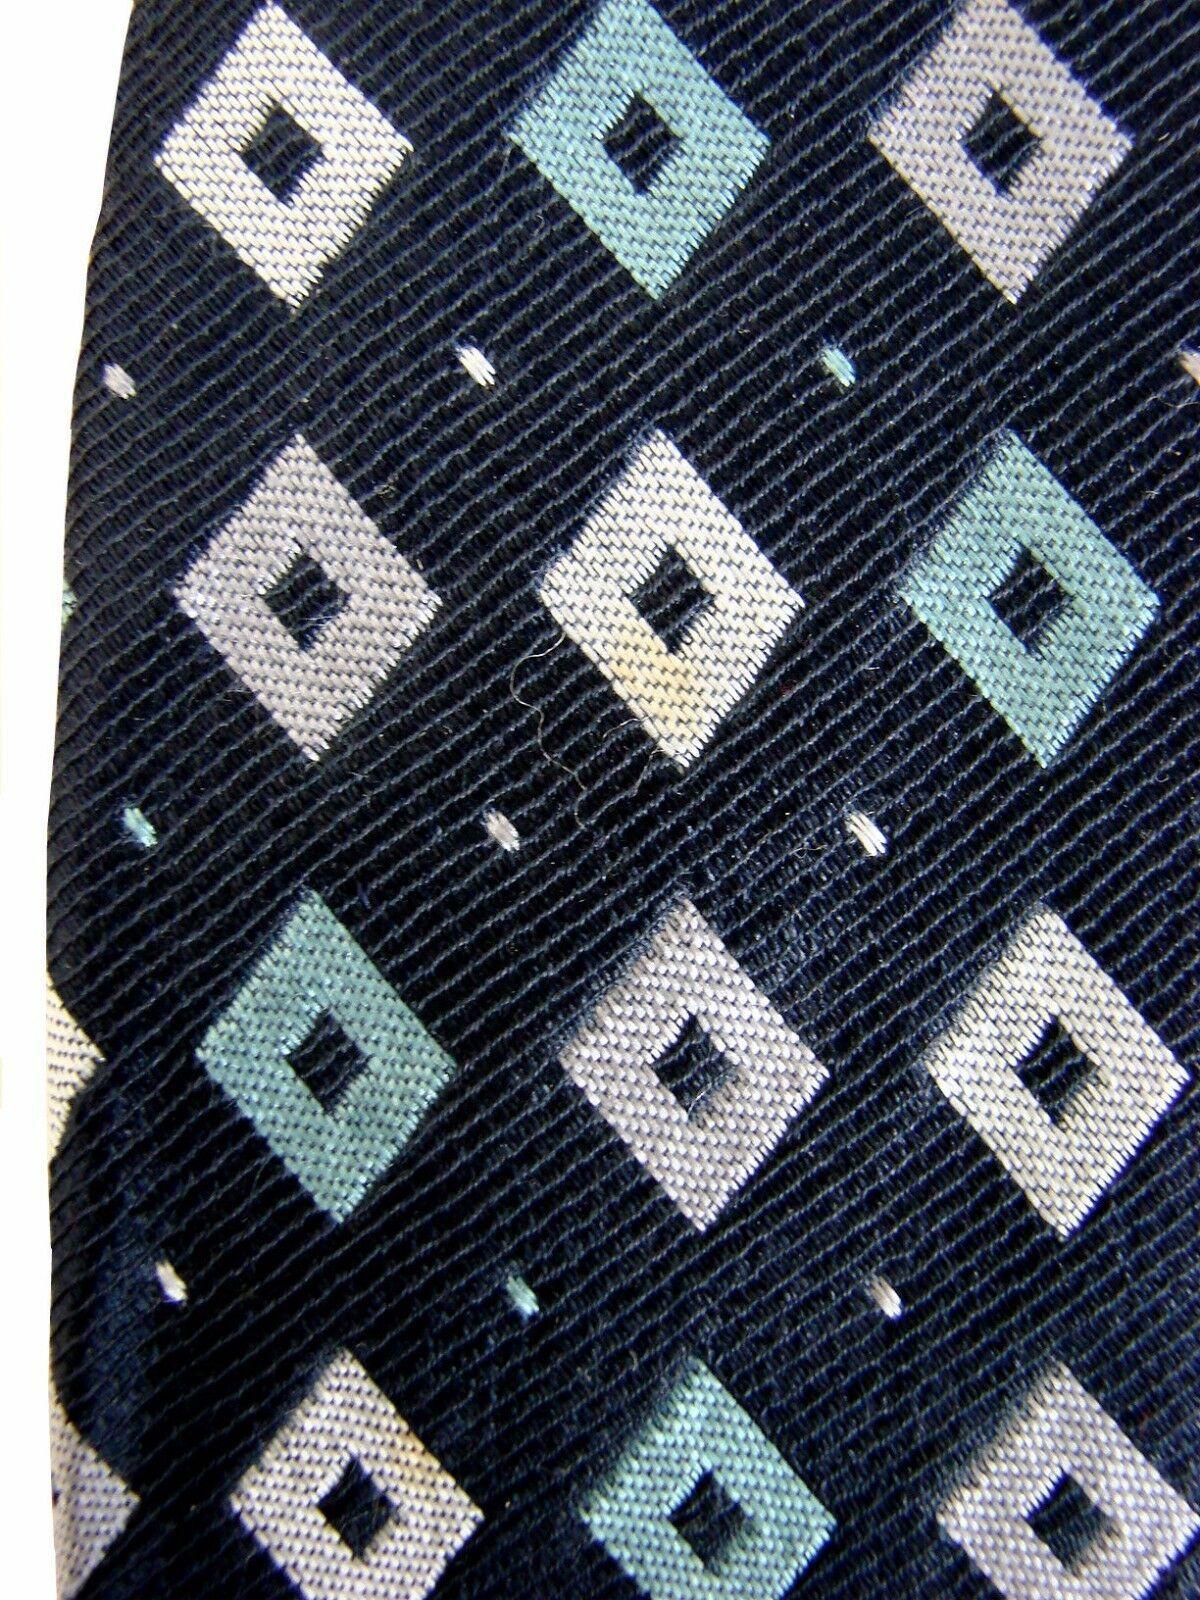 PAUL SMITH Tie Black – Green & Grey Diamonds EXTRA WIDE